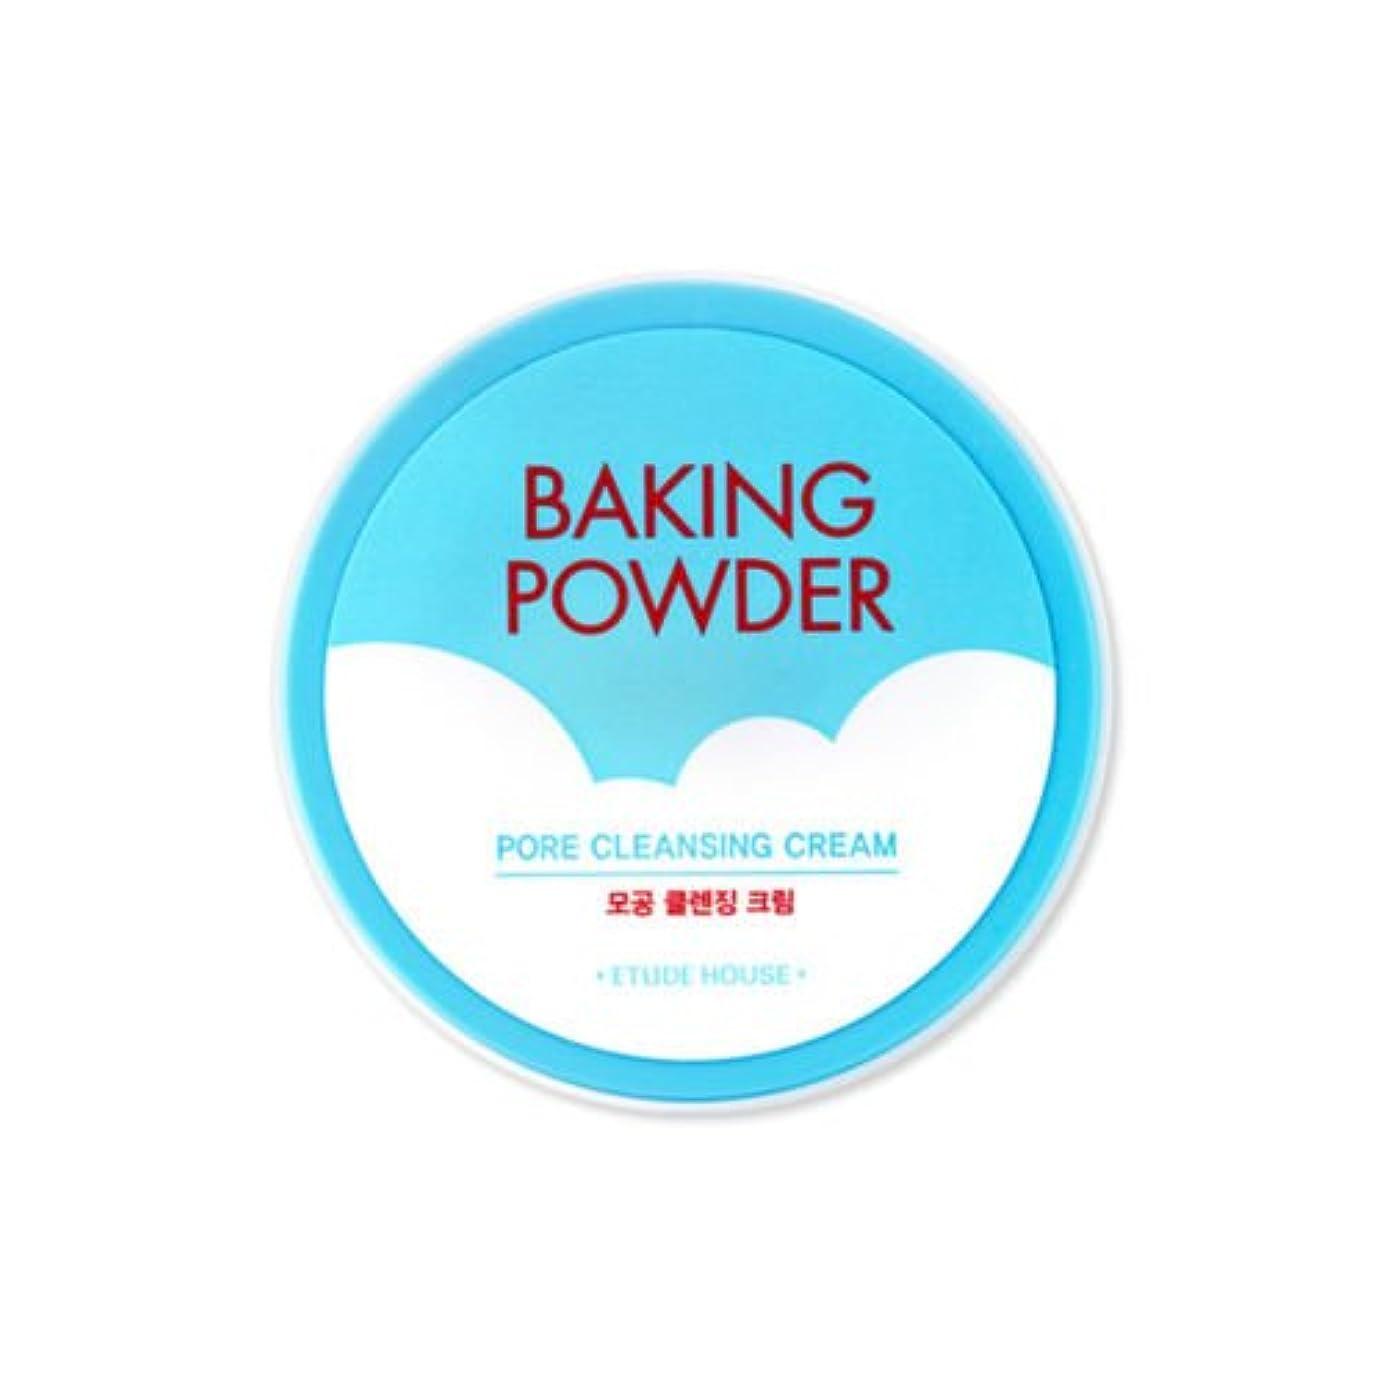 三番思い出させる統計的[2016 Upgrade!] ETUDE HOUSE Baking Powder Pore Cleansing Cream 180ml/エチュードハウス ベーキング パウダー ポア クレンジング クリーム 180ml